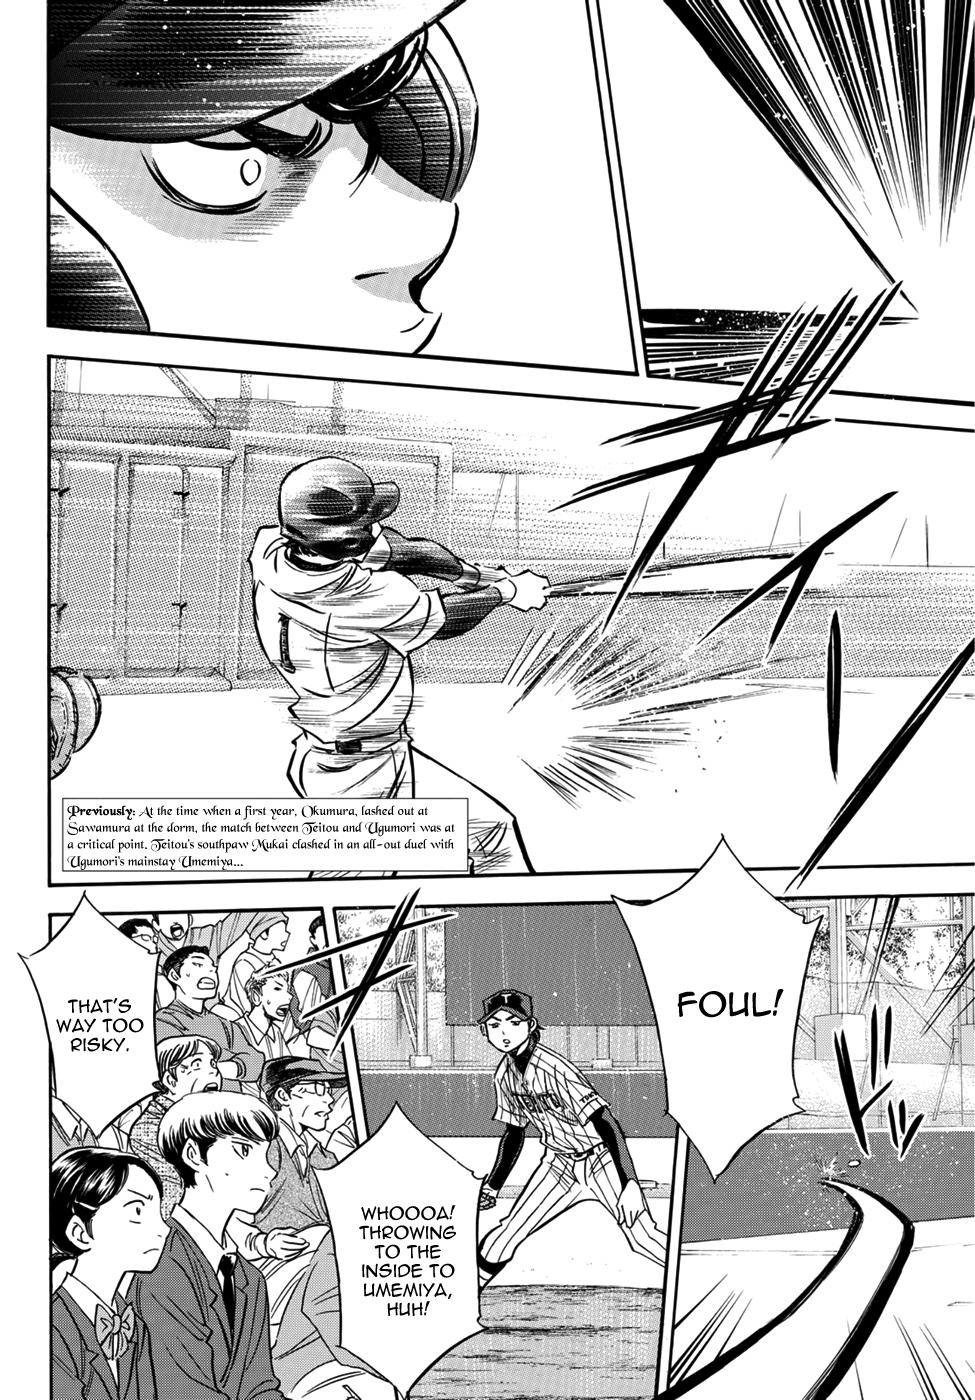 Daiya no A - Act II - Chapter 26